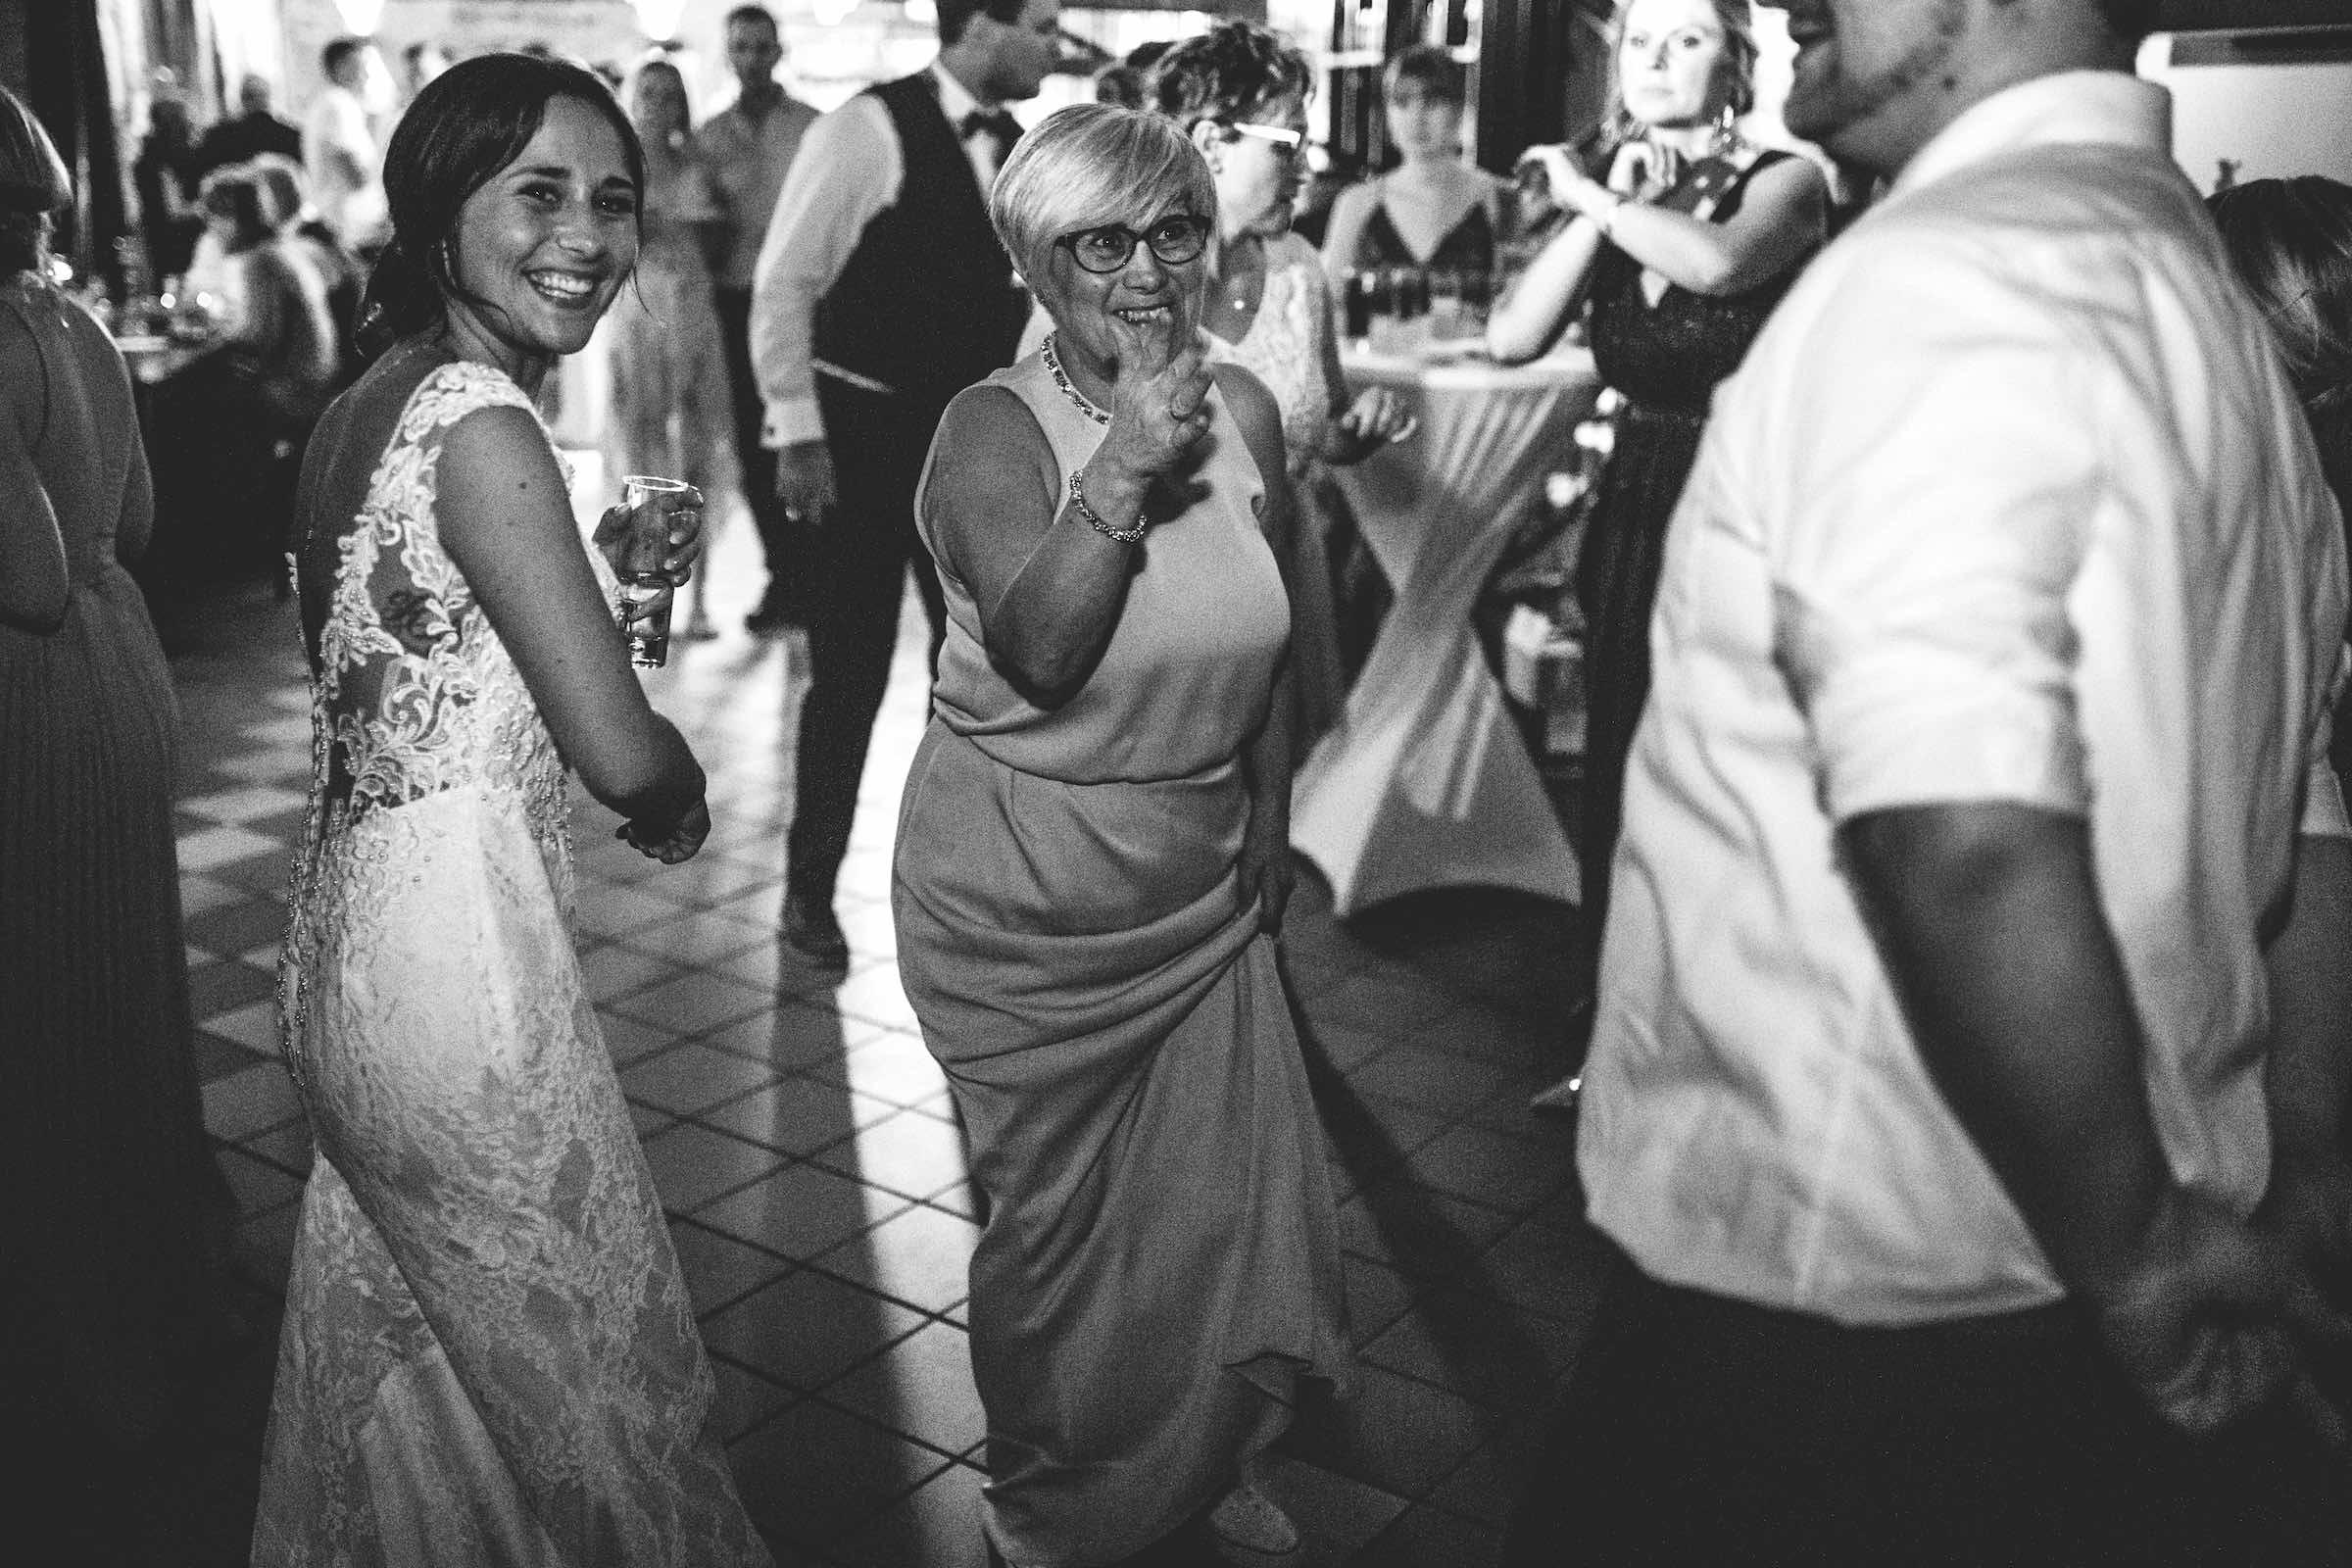 DJ | Hochzeit | DJ | Agentur | DJ | Service | DJ | Messe | DJ | Firmenevent | Firmenfeier | DJ | Weihnachtsfeier | DJ | Sommerfest | DJ | Weihnachtsfeier | DJ | Event | DJ | Mieten | Buchen | Werkhof | Anfragen | Lehmann | Eventservice